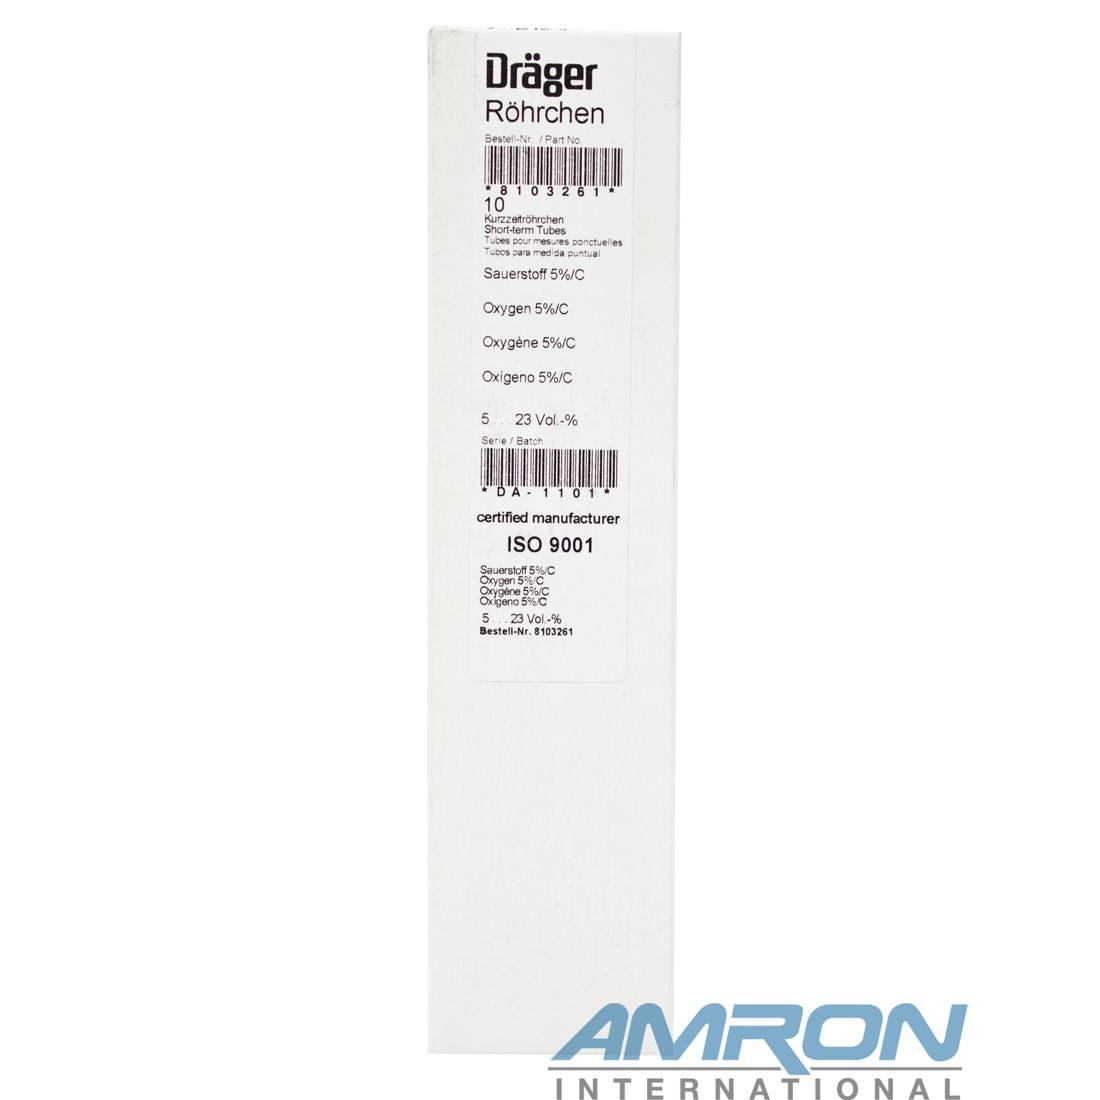 Drager 8103261 Oxygen 5%/C Range Detector Tube